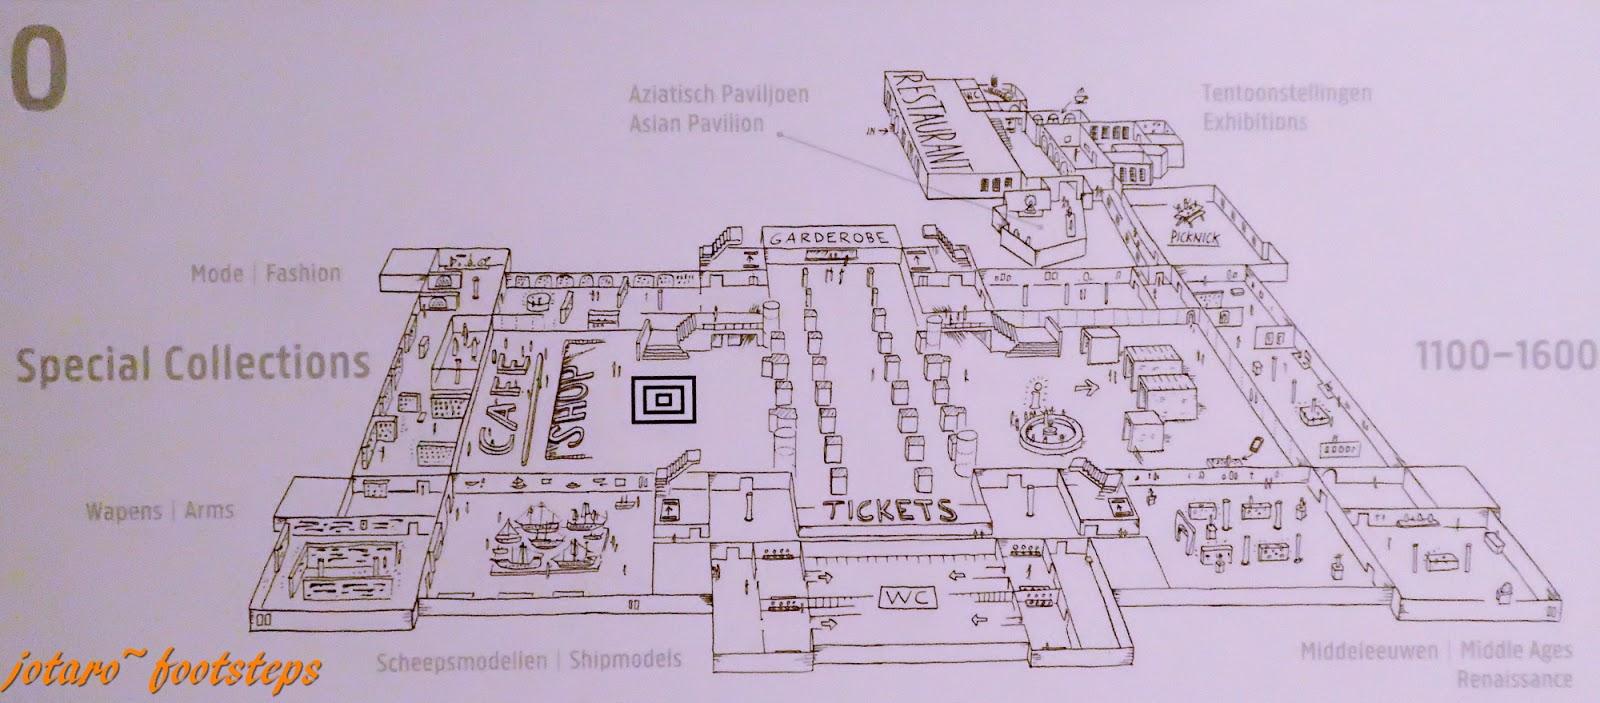 Footsteps jotaro 39 s travels art gallery rijksmuseum for Floor 5 map swordburst 2